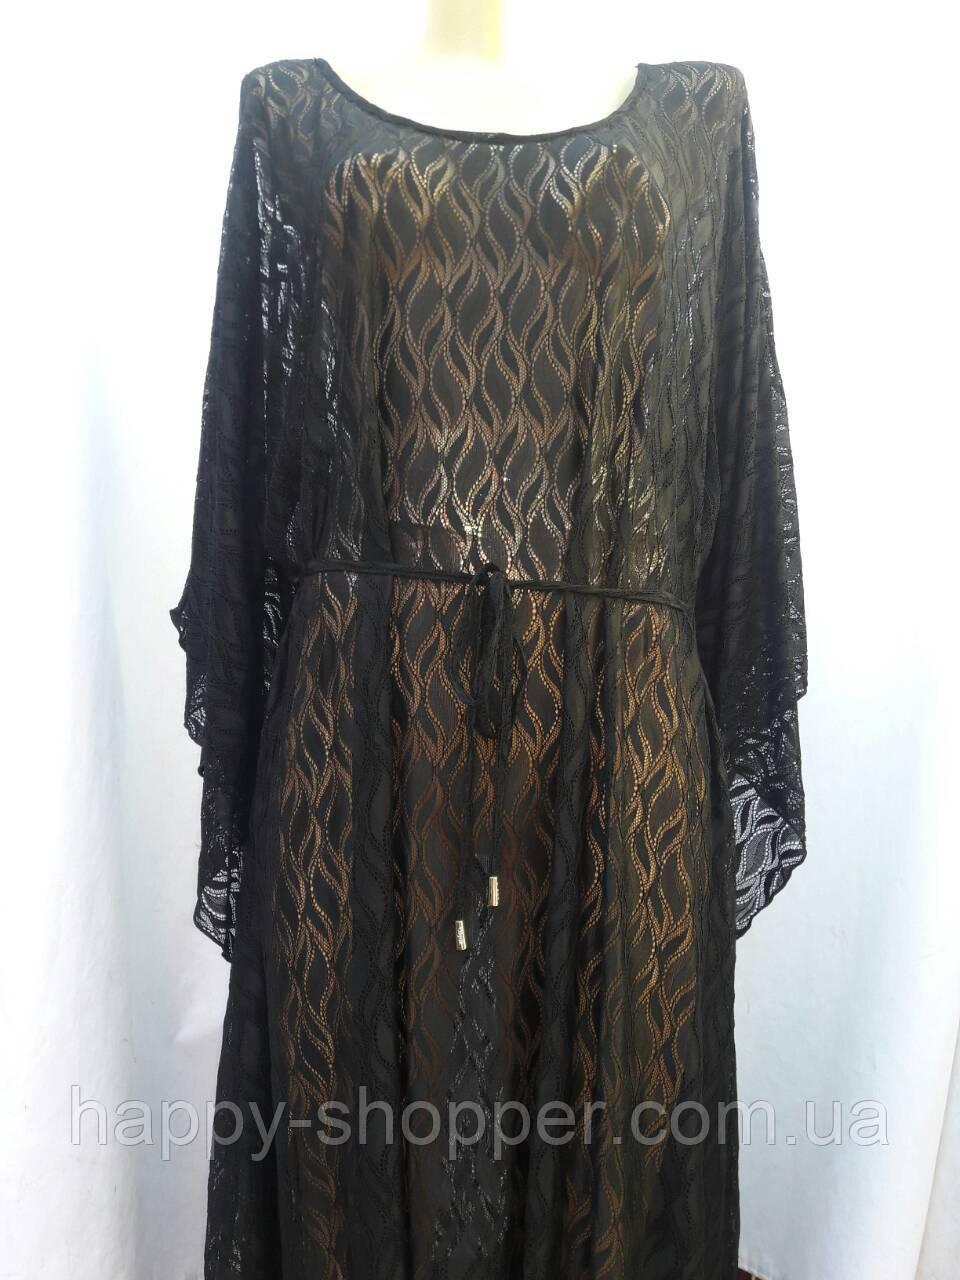 Пляжное платье больших размеров Olgak 89032